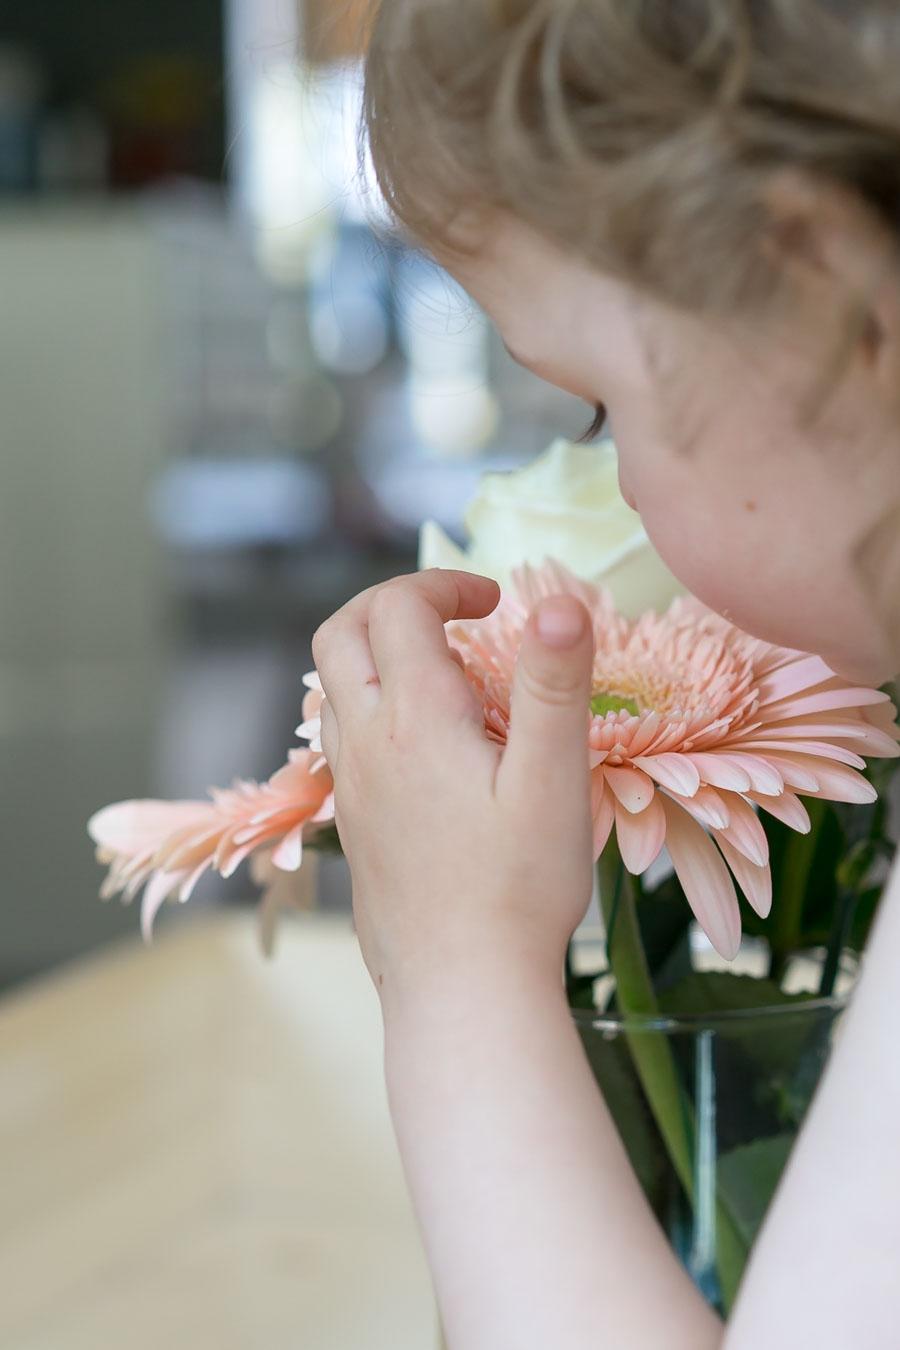 """Blumen auf Kinderhöhe, so dass es die Kleinsten auch geniessen können. // Aus dem Artikel """"7 Tipps, wie man ein Montessori Kinderzimmer einrichten kann, auch mit einem knappen Budget"""" Alles Ideen, die ihr sofort umsetzen könnt: www.chezmamapoule.com #montessori #vorbereiteteumgebung #montessorizuhause"""